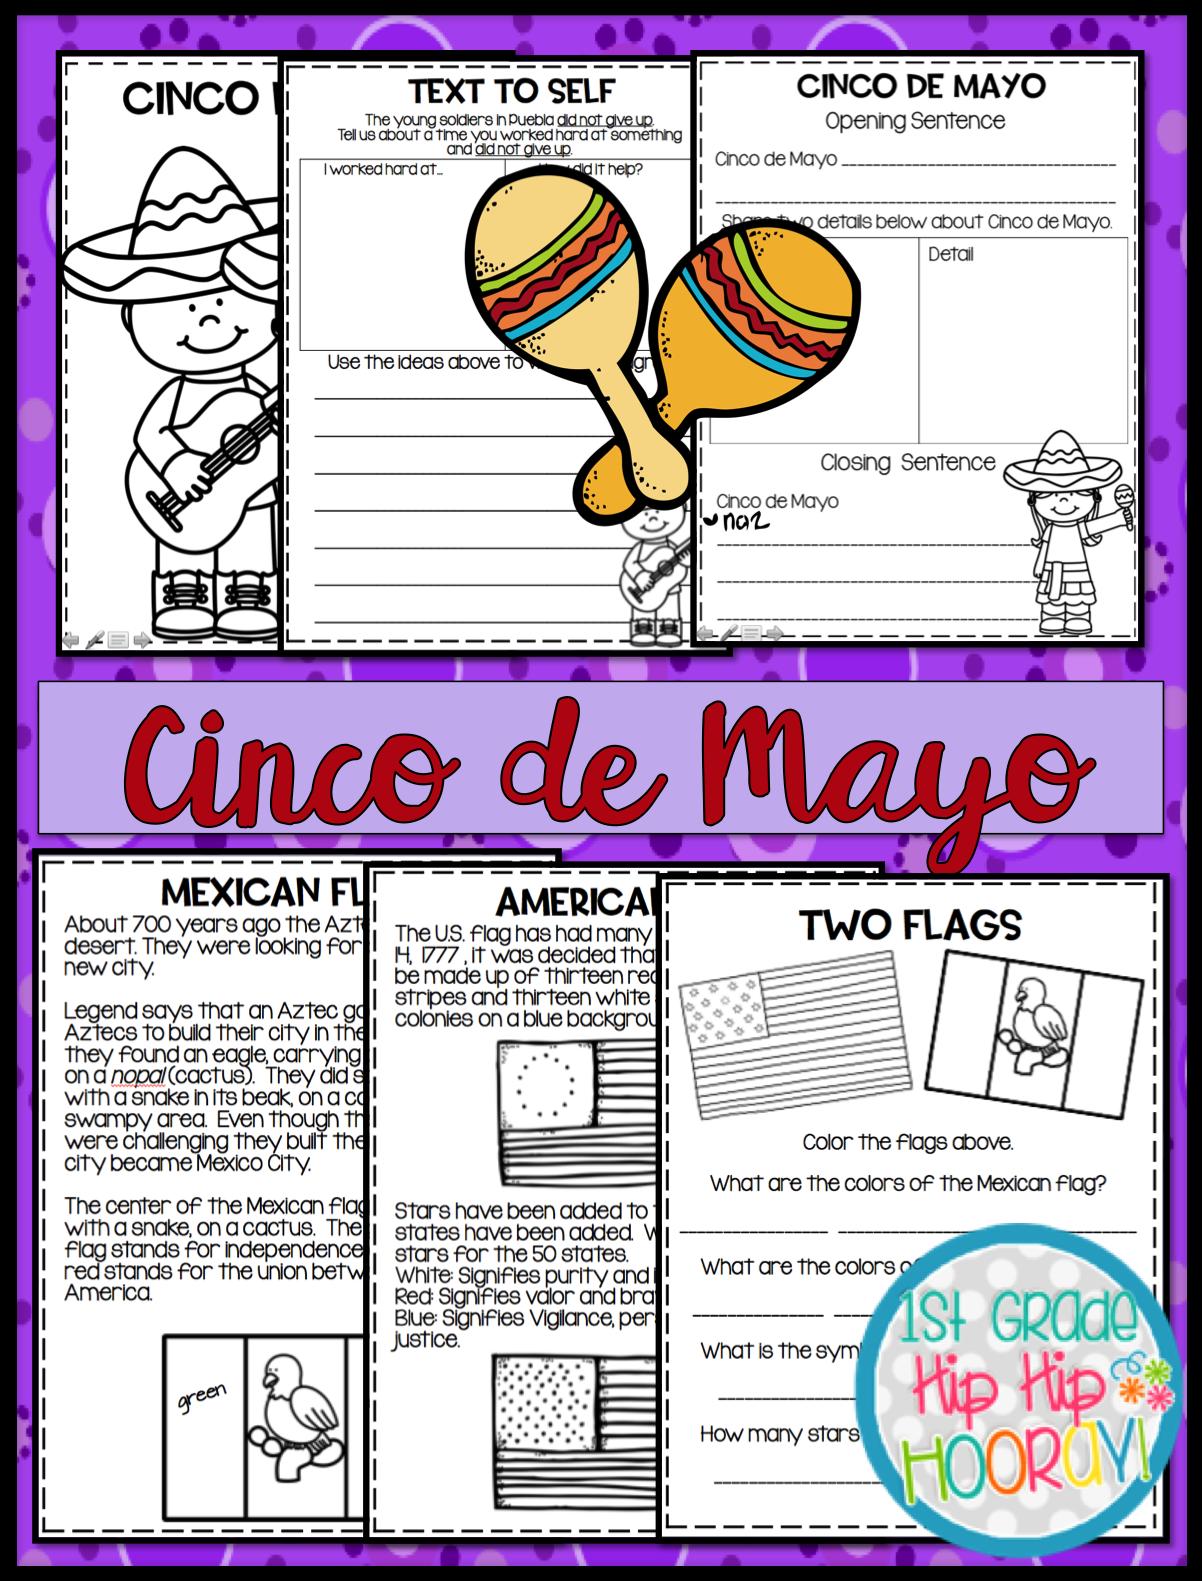 1st Grade Hip Hip Hooray Cinco De Mayo Per Pencil Or